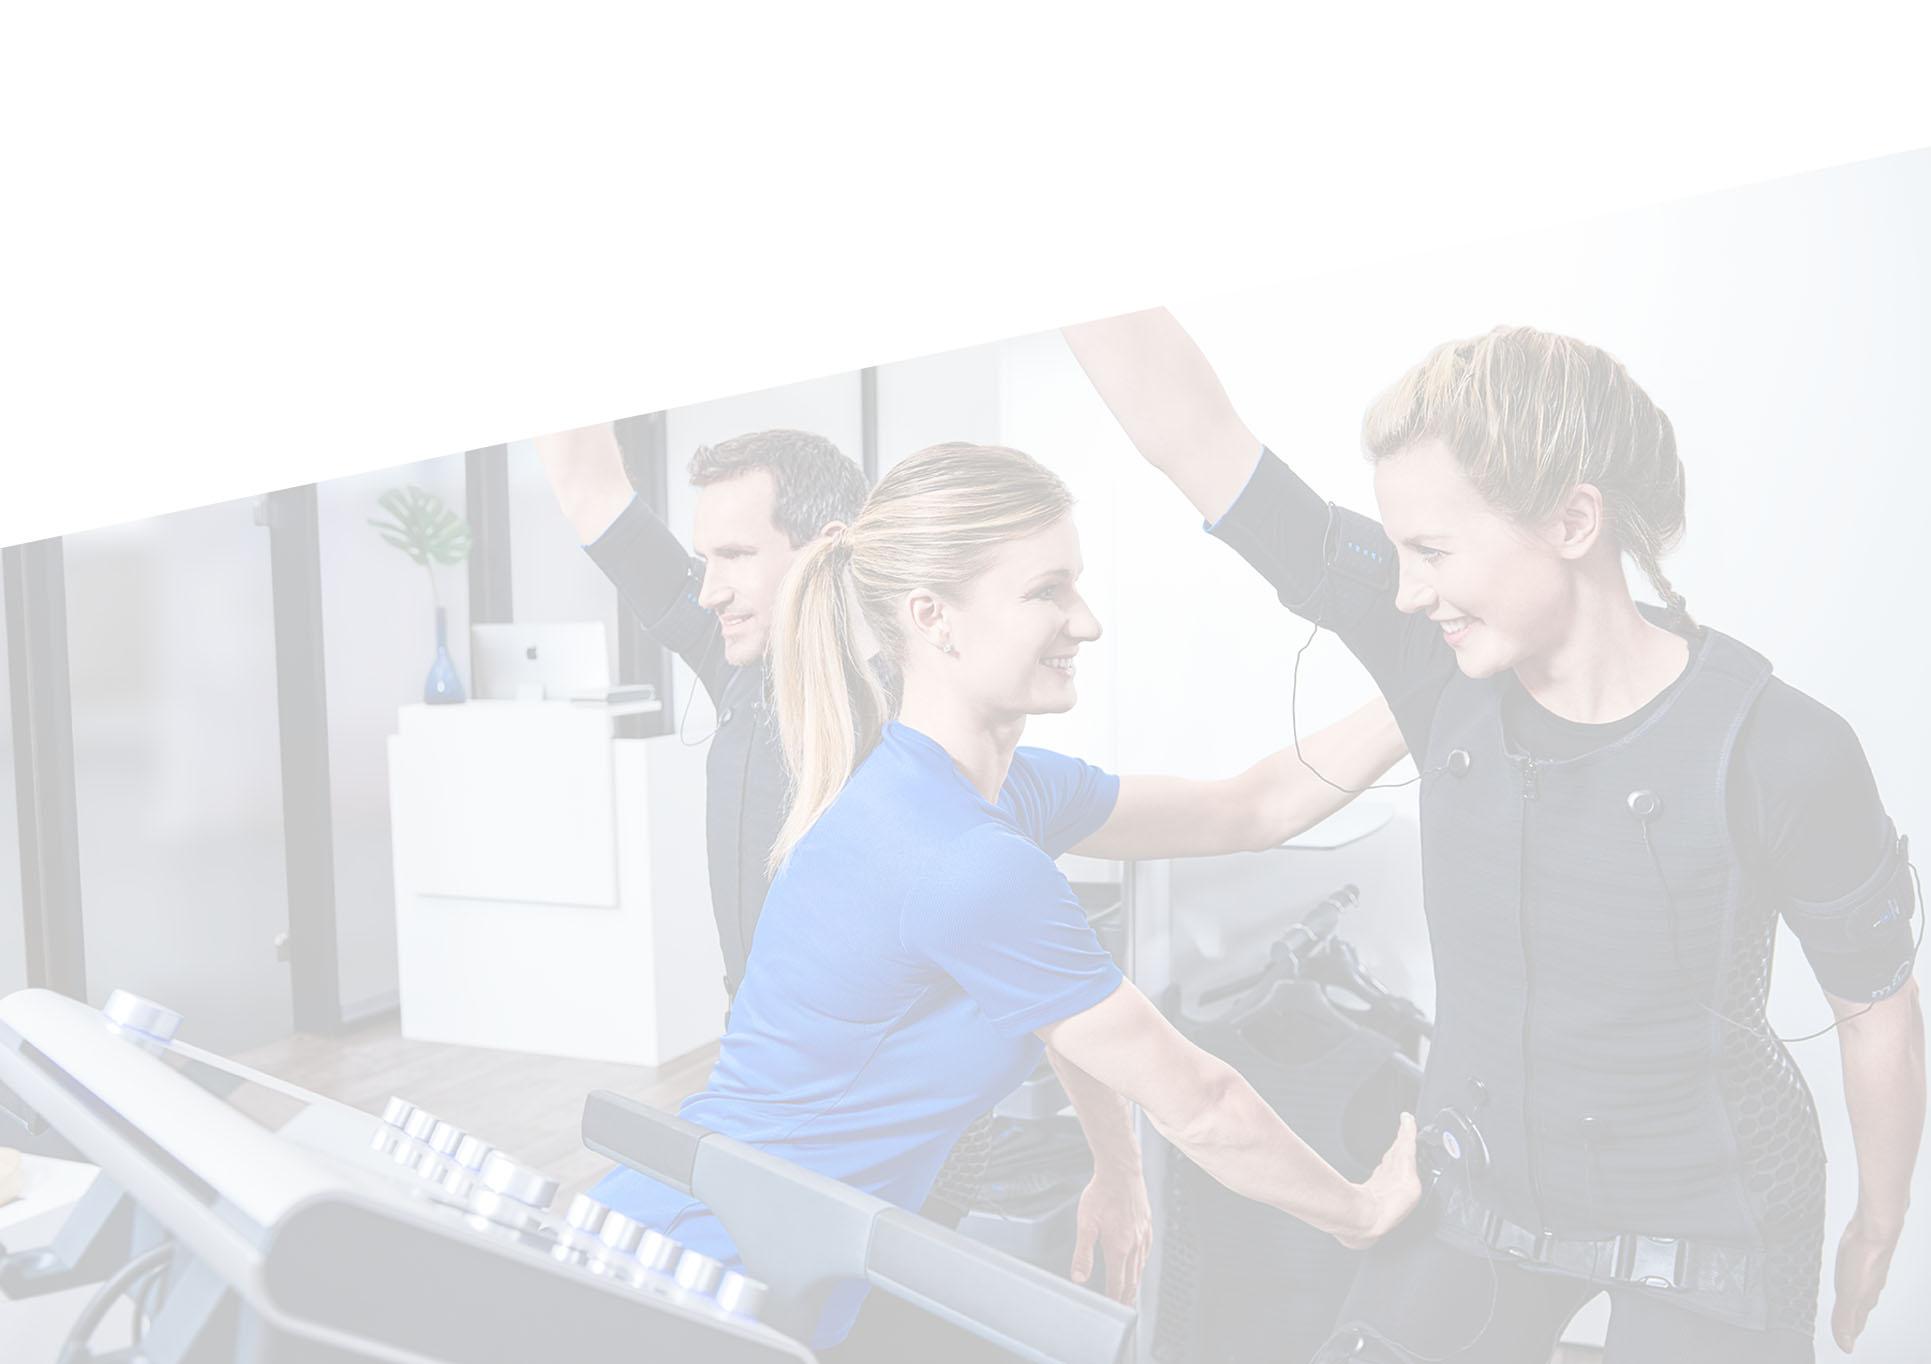 ems Gdynia, trening EMS Gdynia